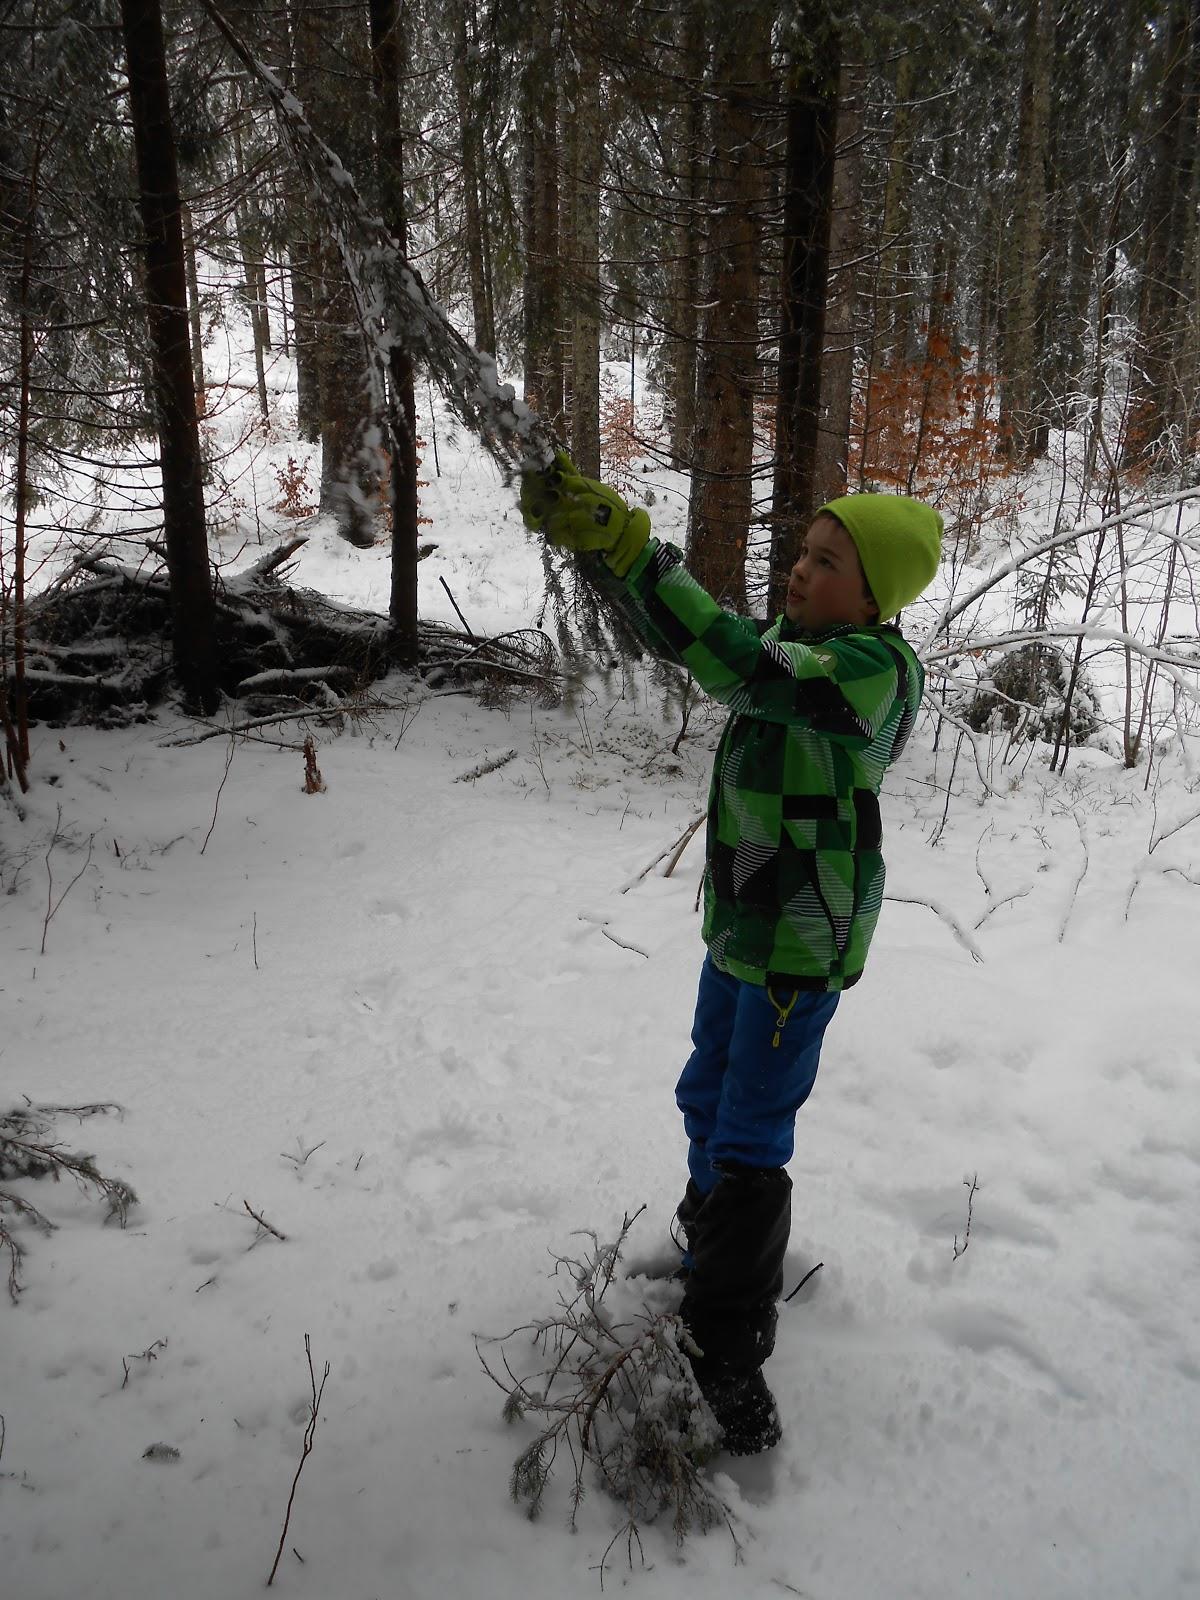 MČ zimovanje, Črni dol, 12.-13. februar 2016 - DSCN4990.JPG